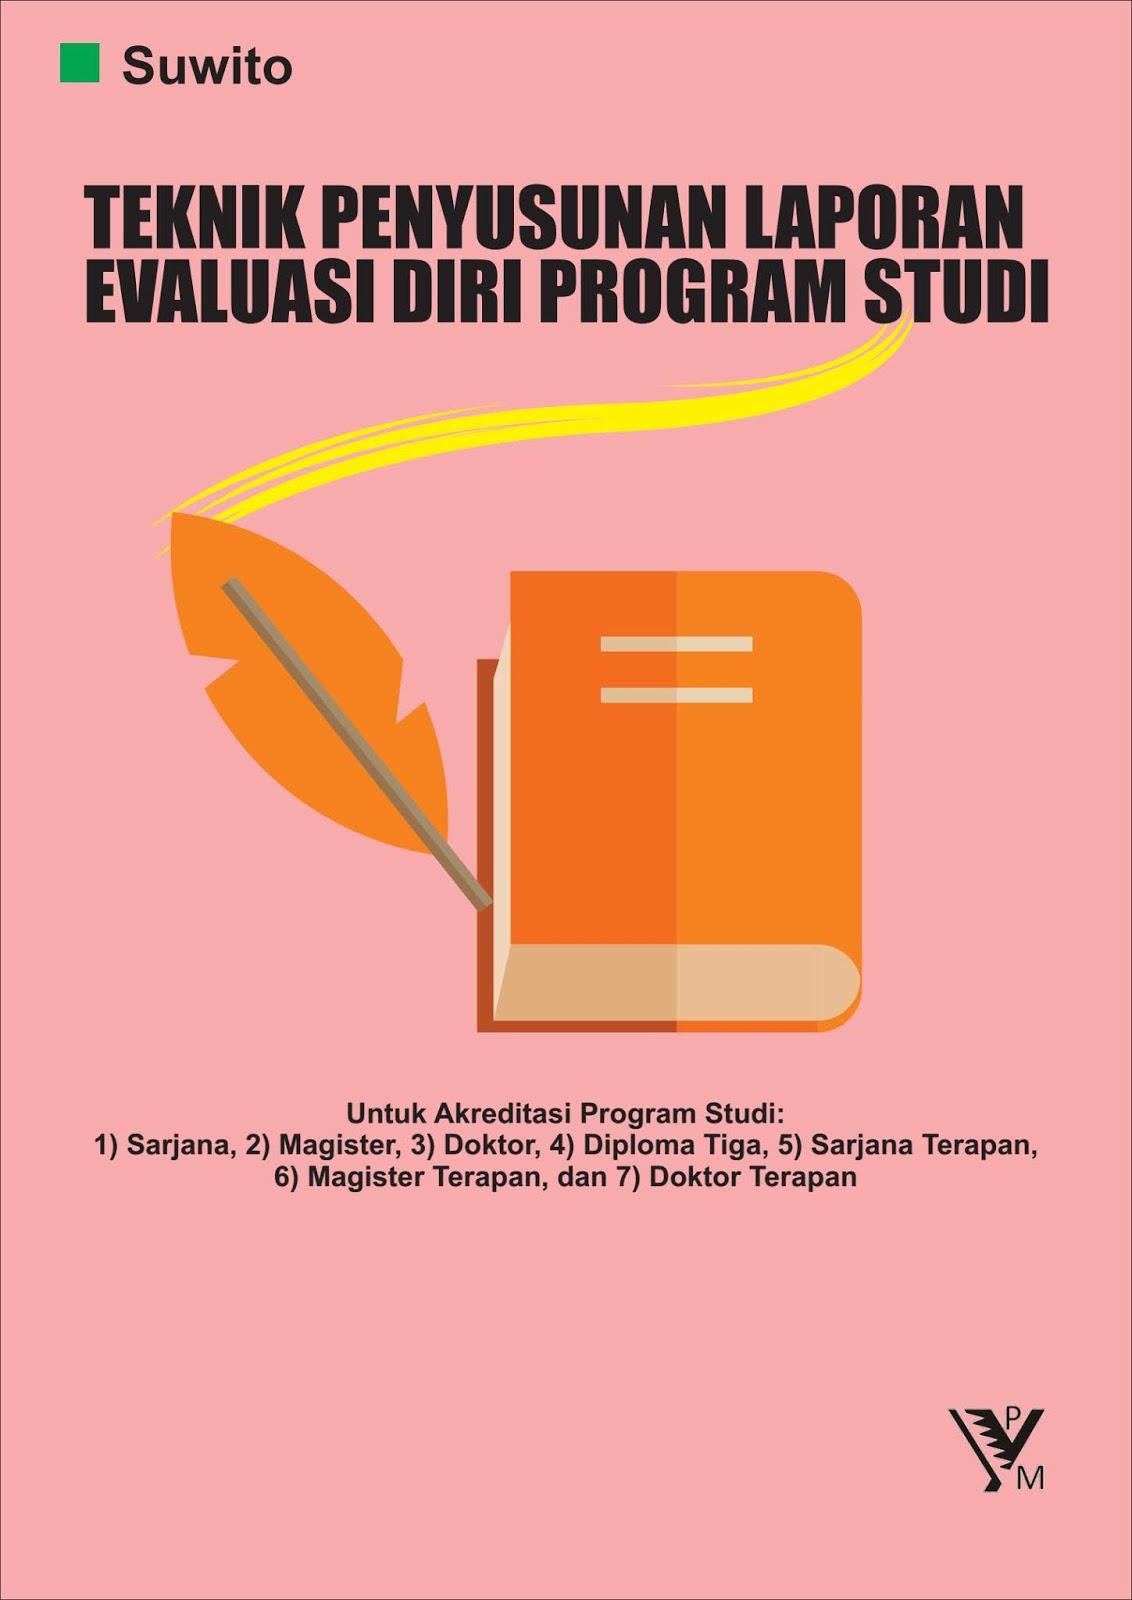 Ypm Publishing Teknik Penyusunan Laporan Evaluasi Diri Program Studi